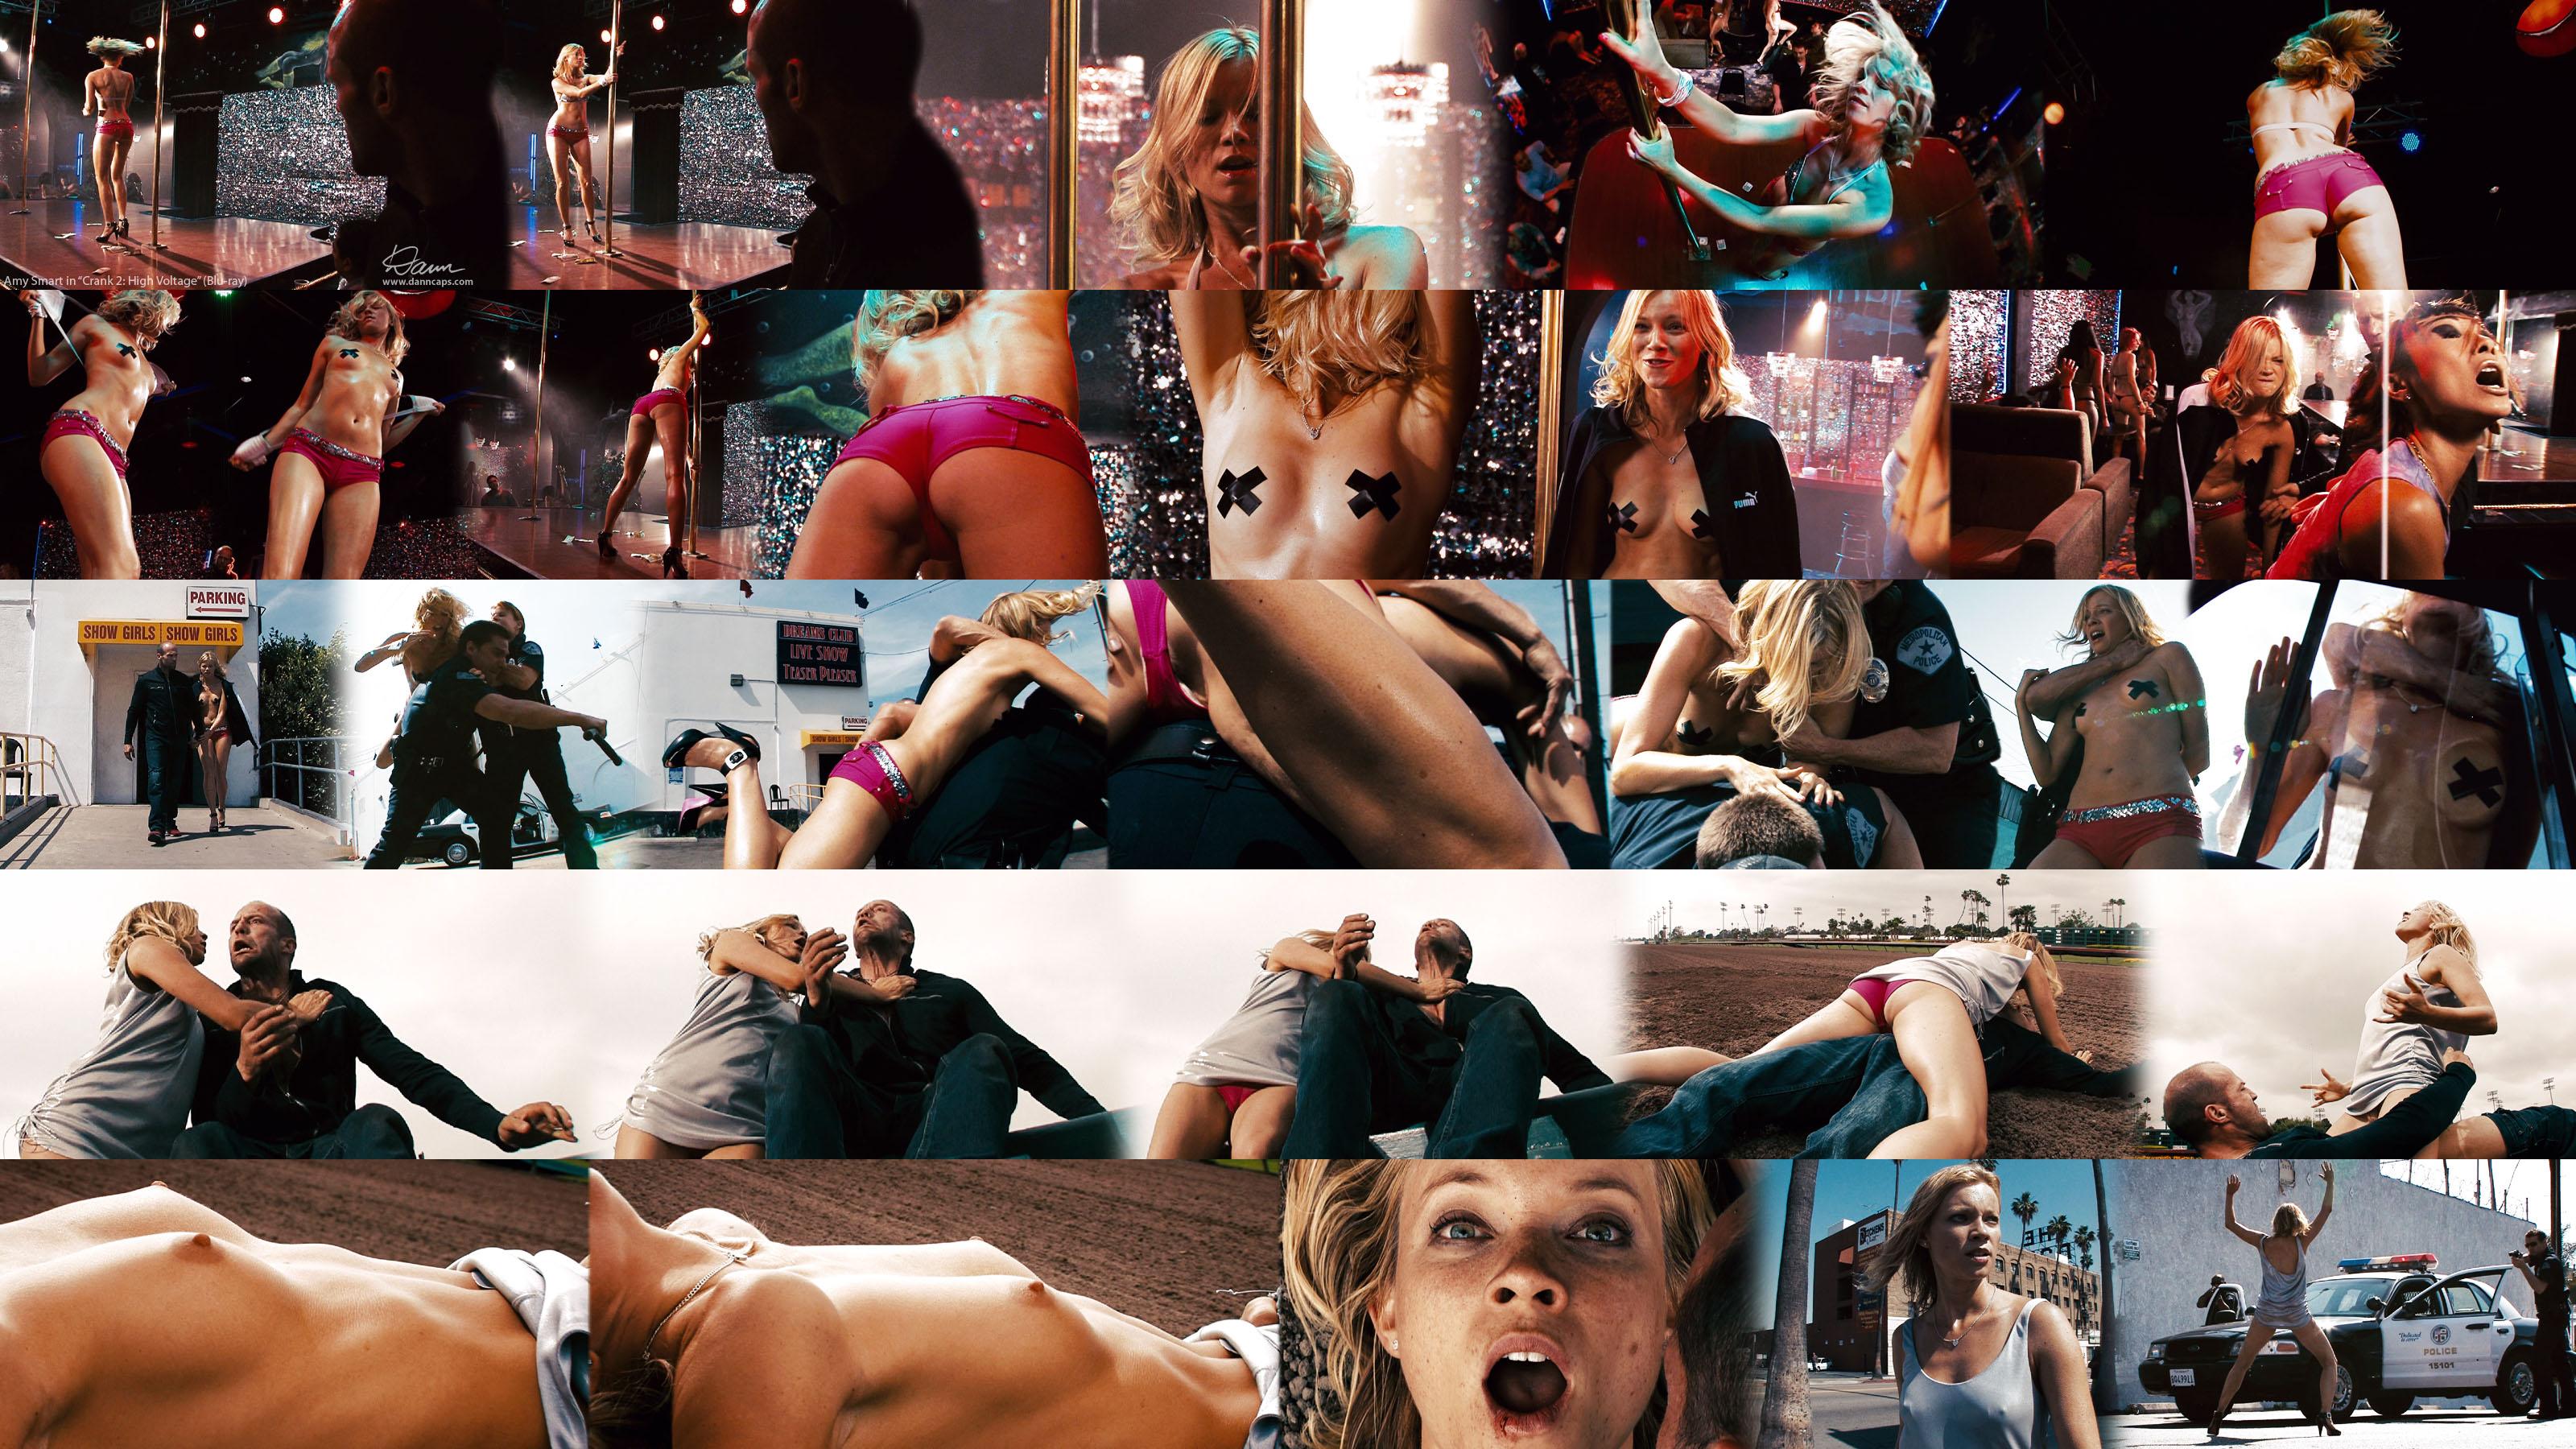 kino-obo-seks